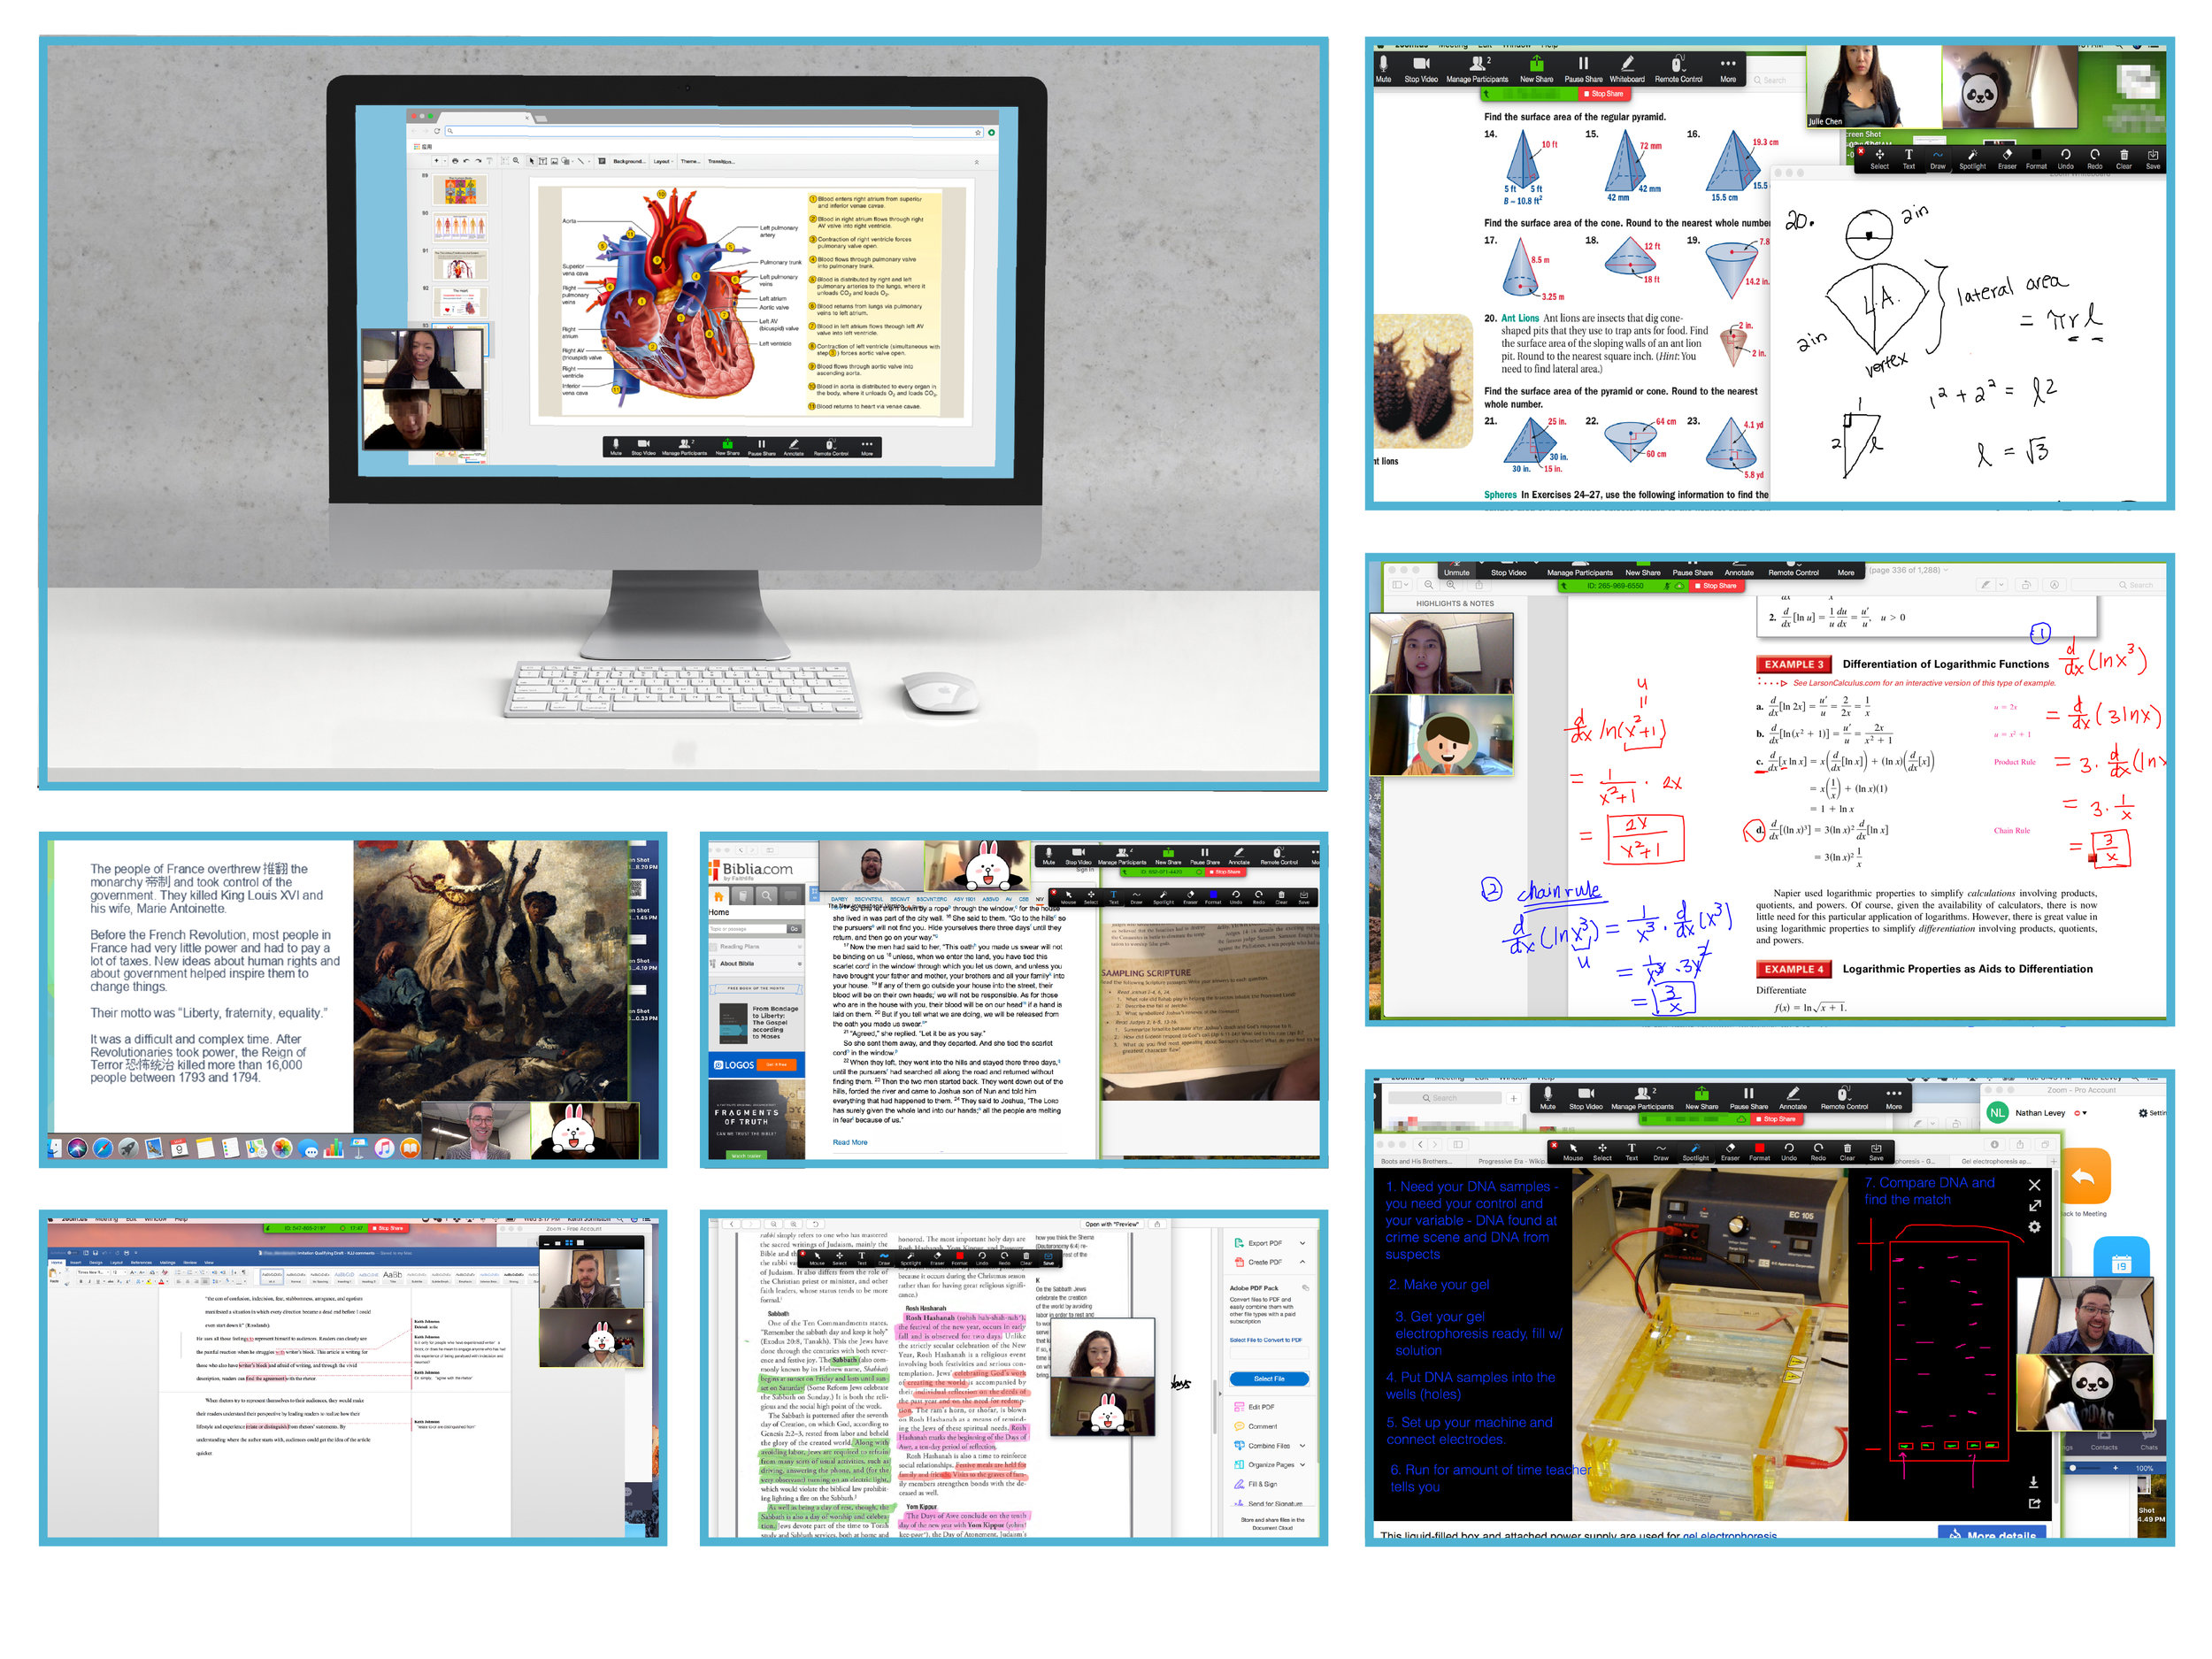 网页-课堂展示拼图_画板 1.jpg